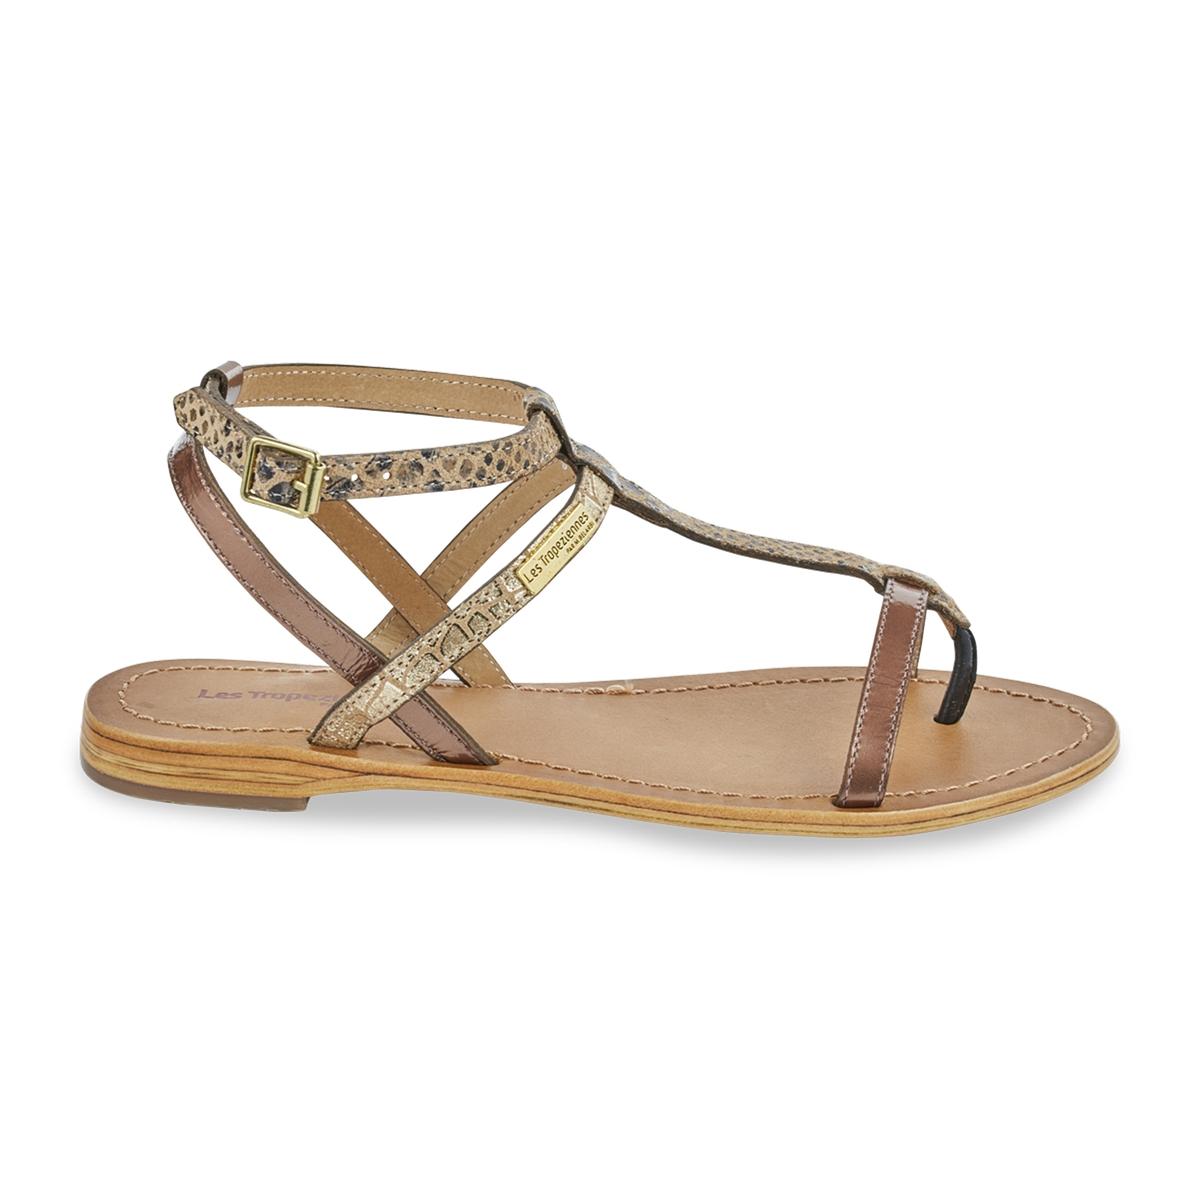 zapatillas Sandalias de piel con tira entre los dedos Baie